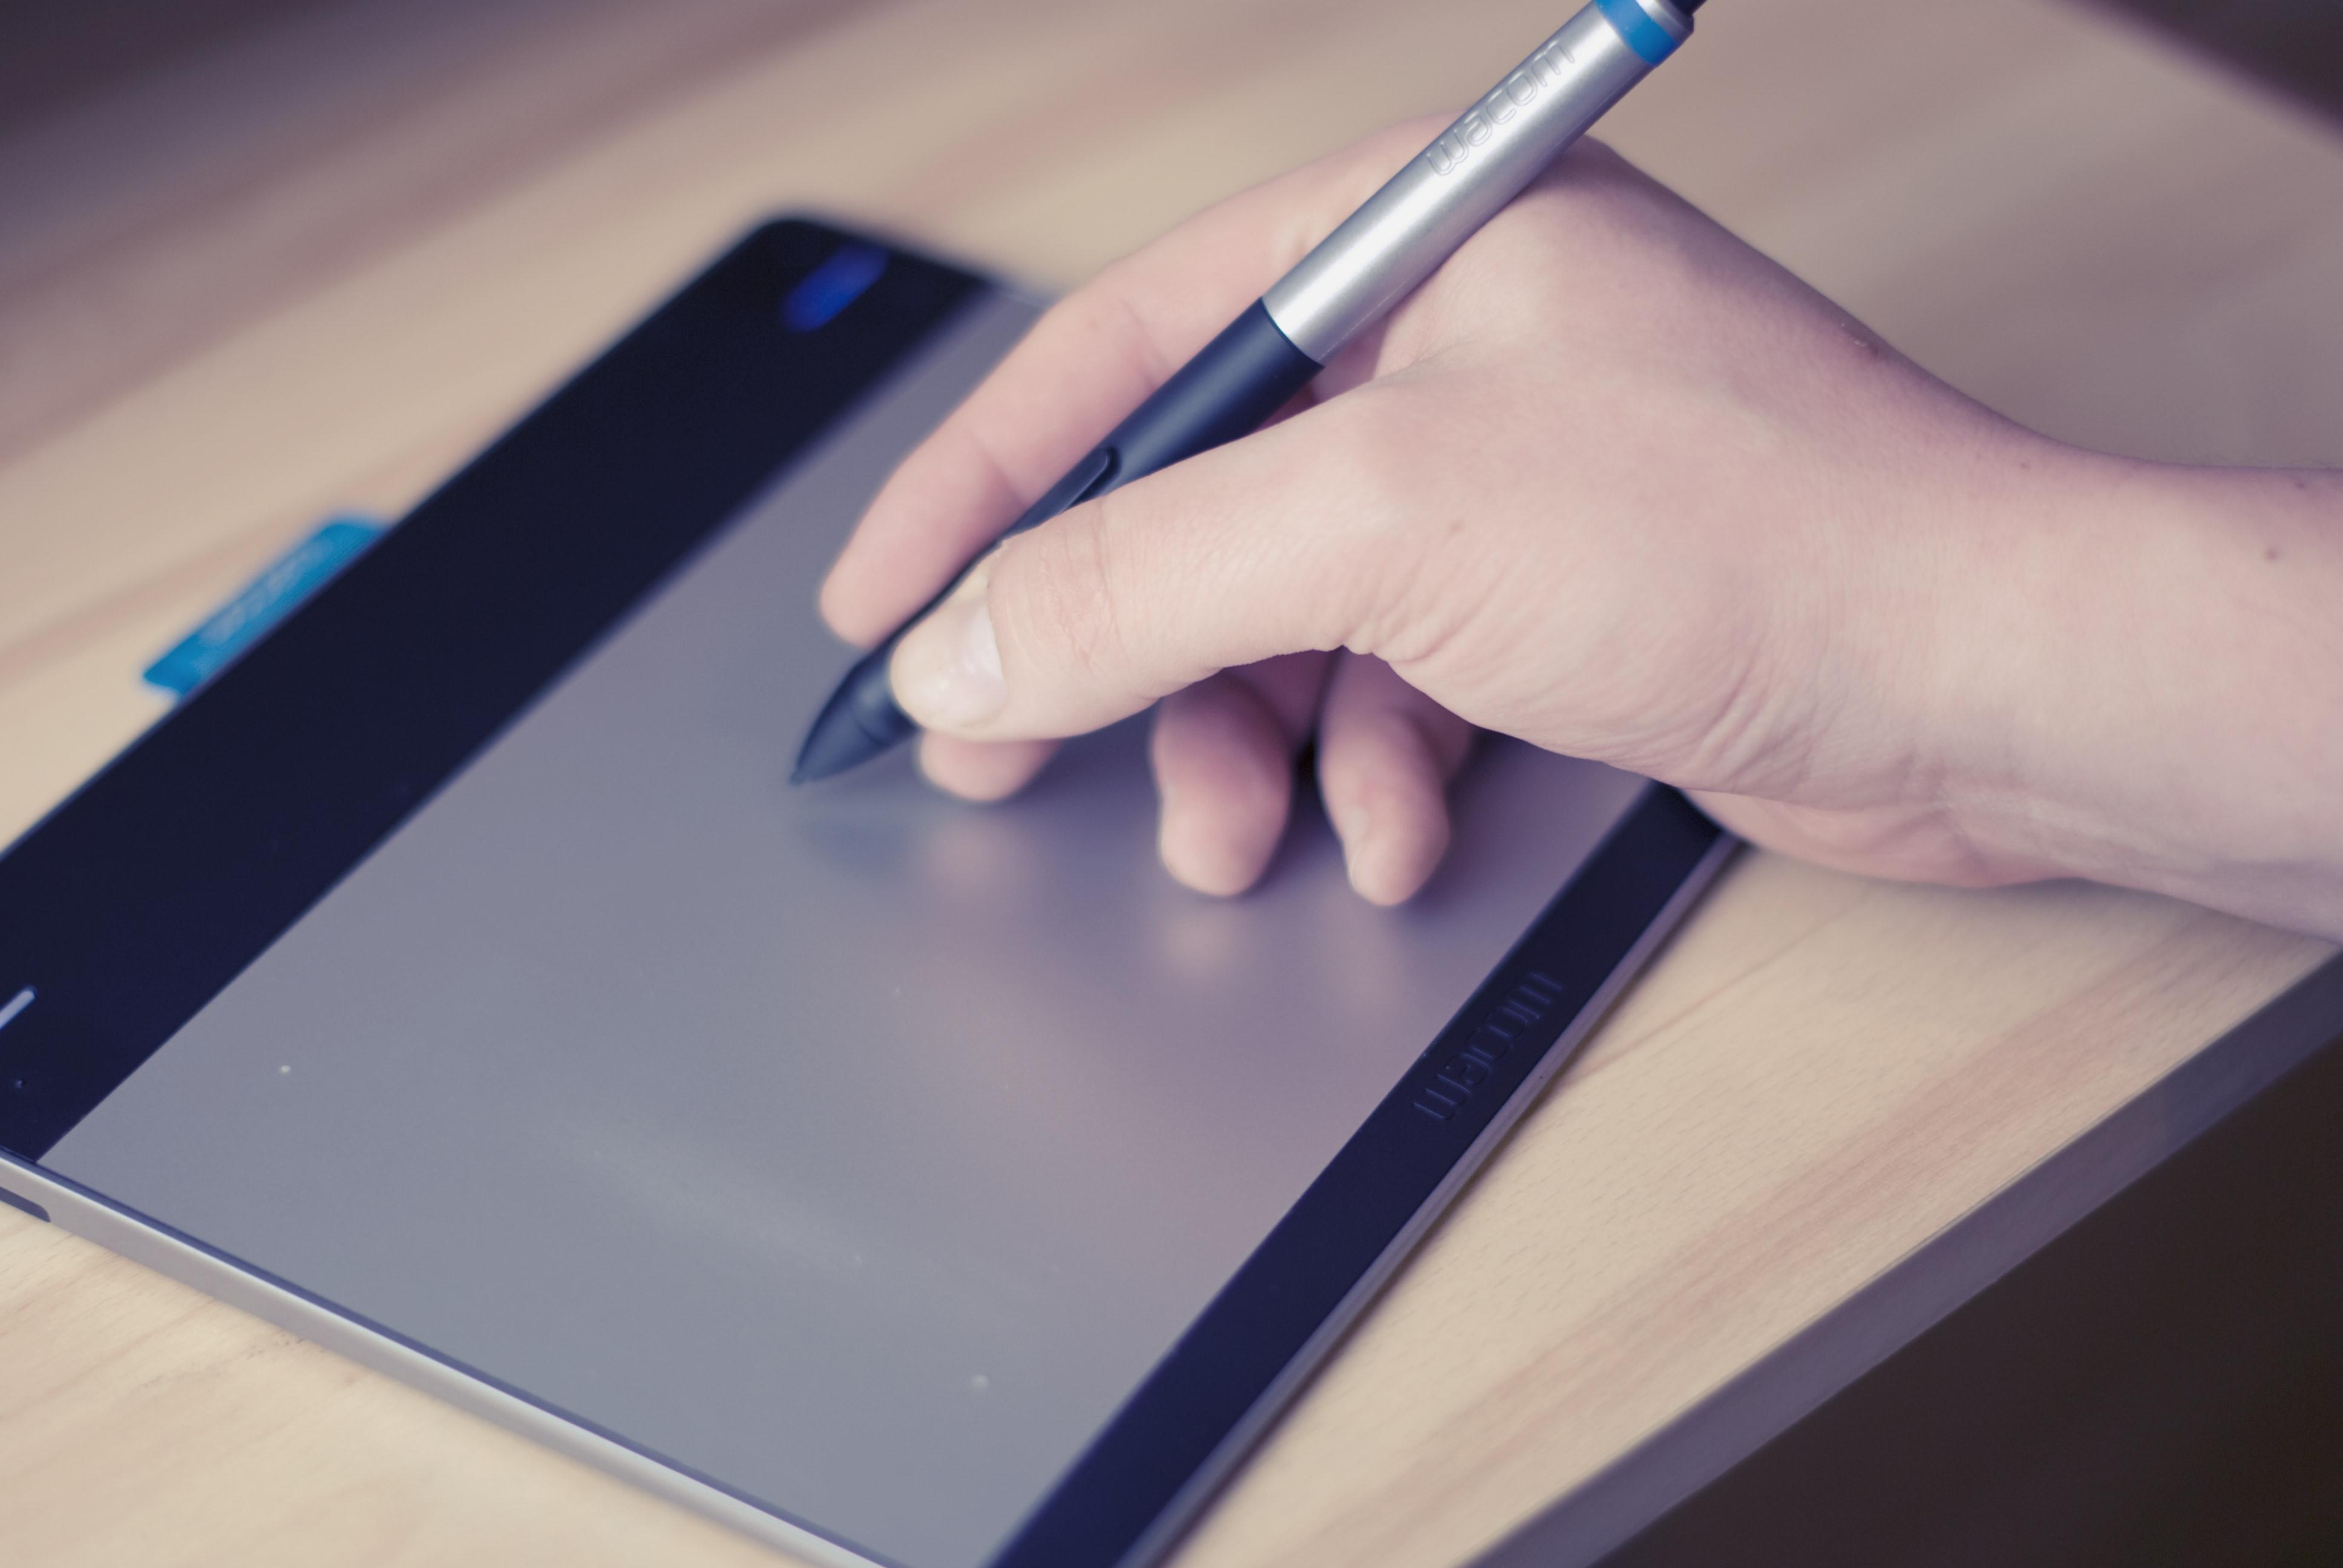 tablet shortcuts wacom photoshop